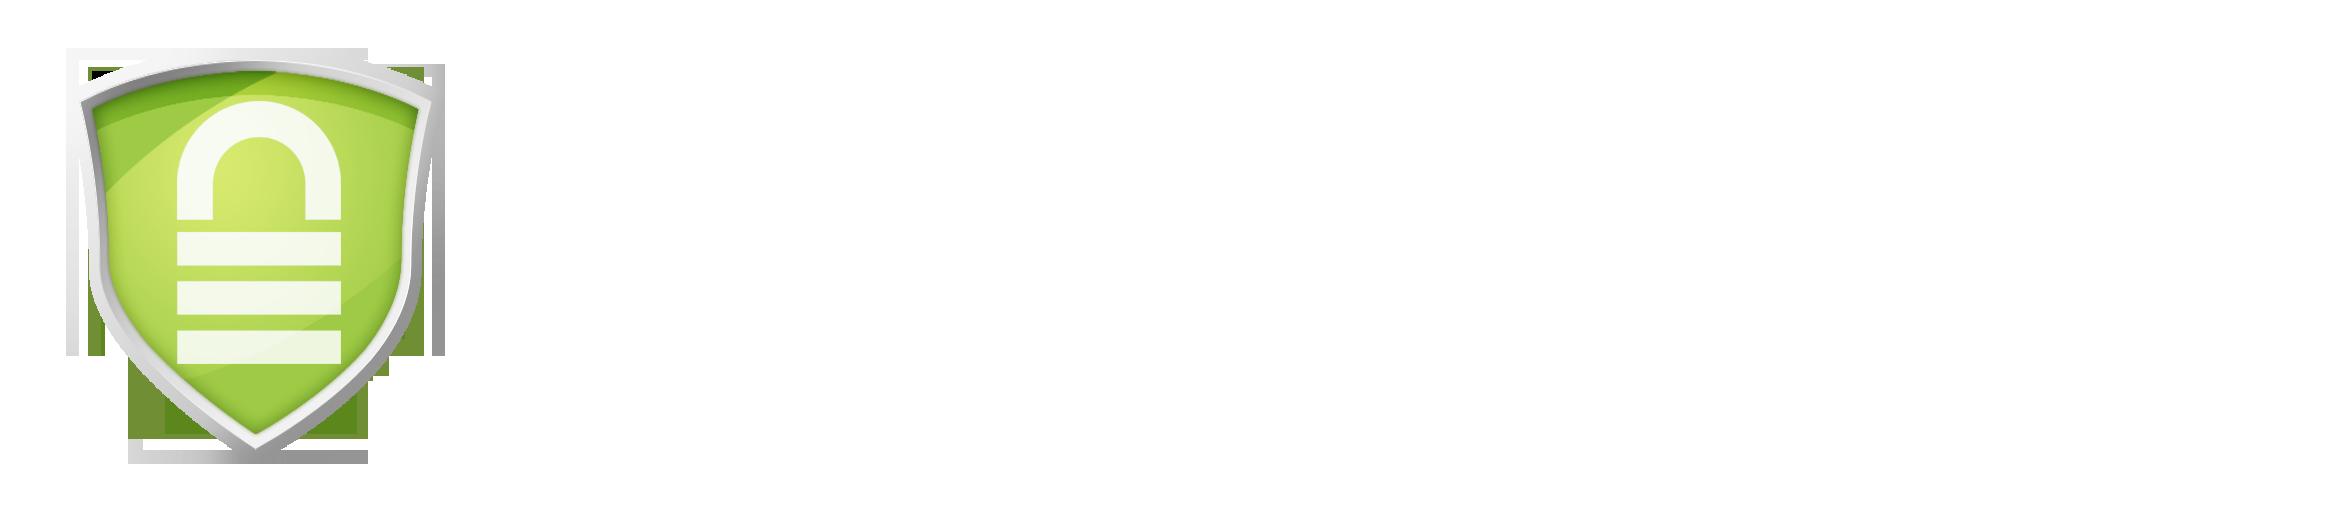 samtec-check-me-logo-claim-512px